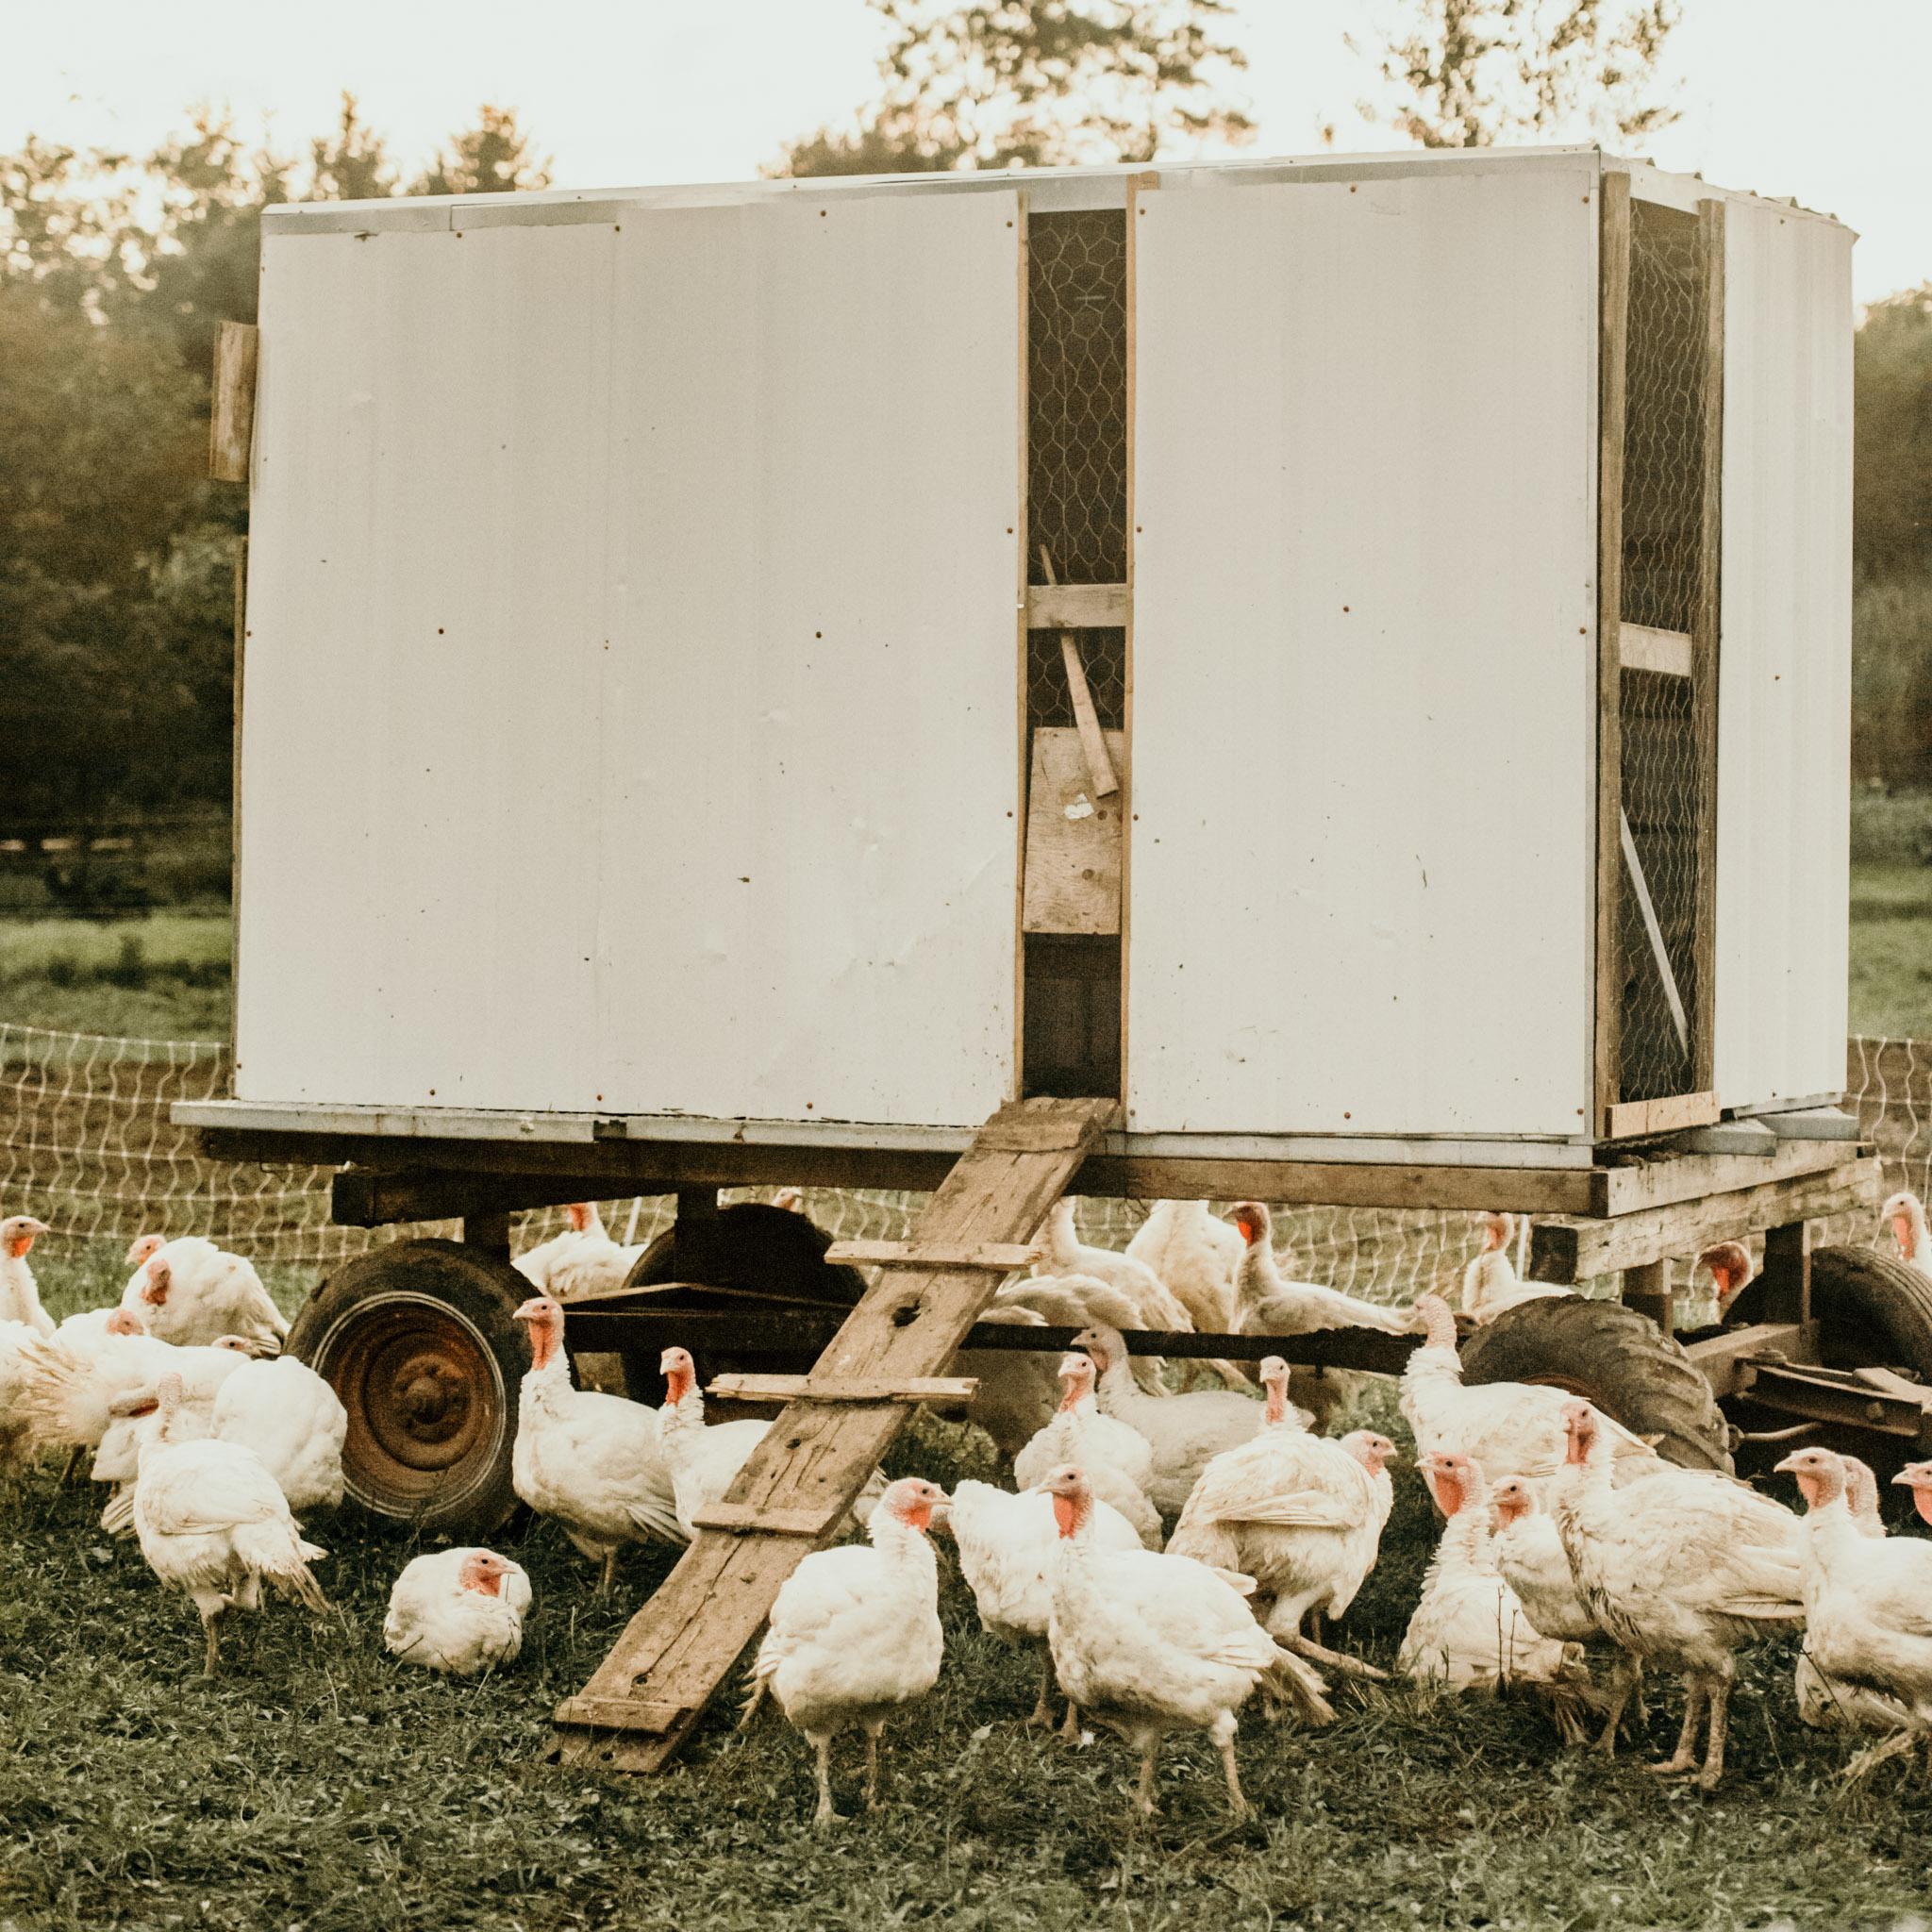 5-Chicks-Evening-032.jpg